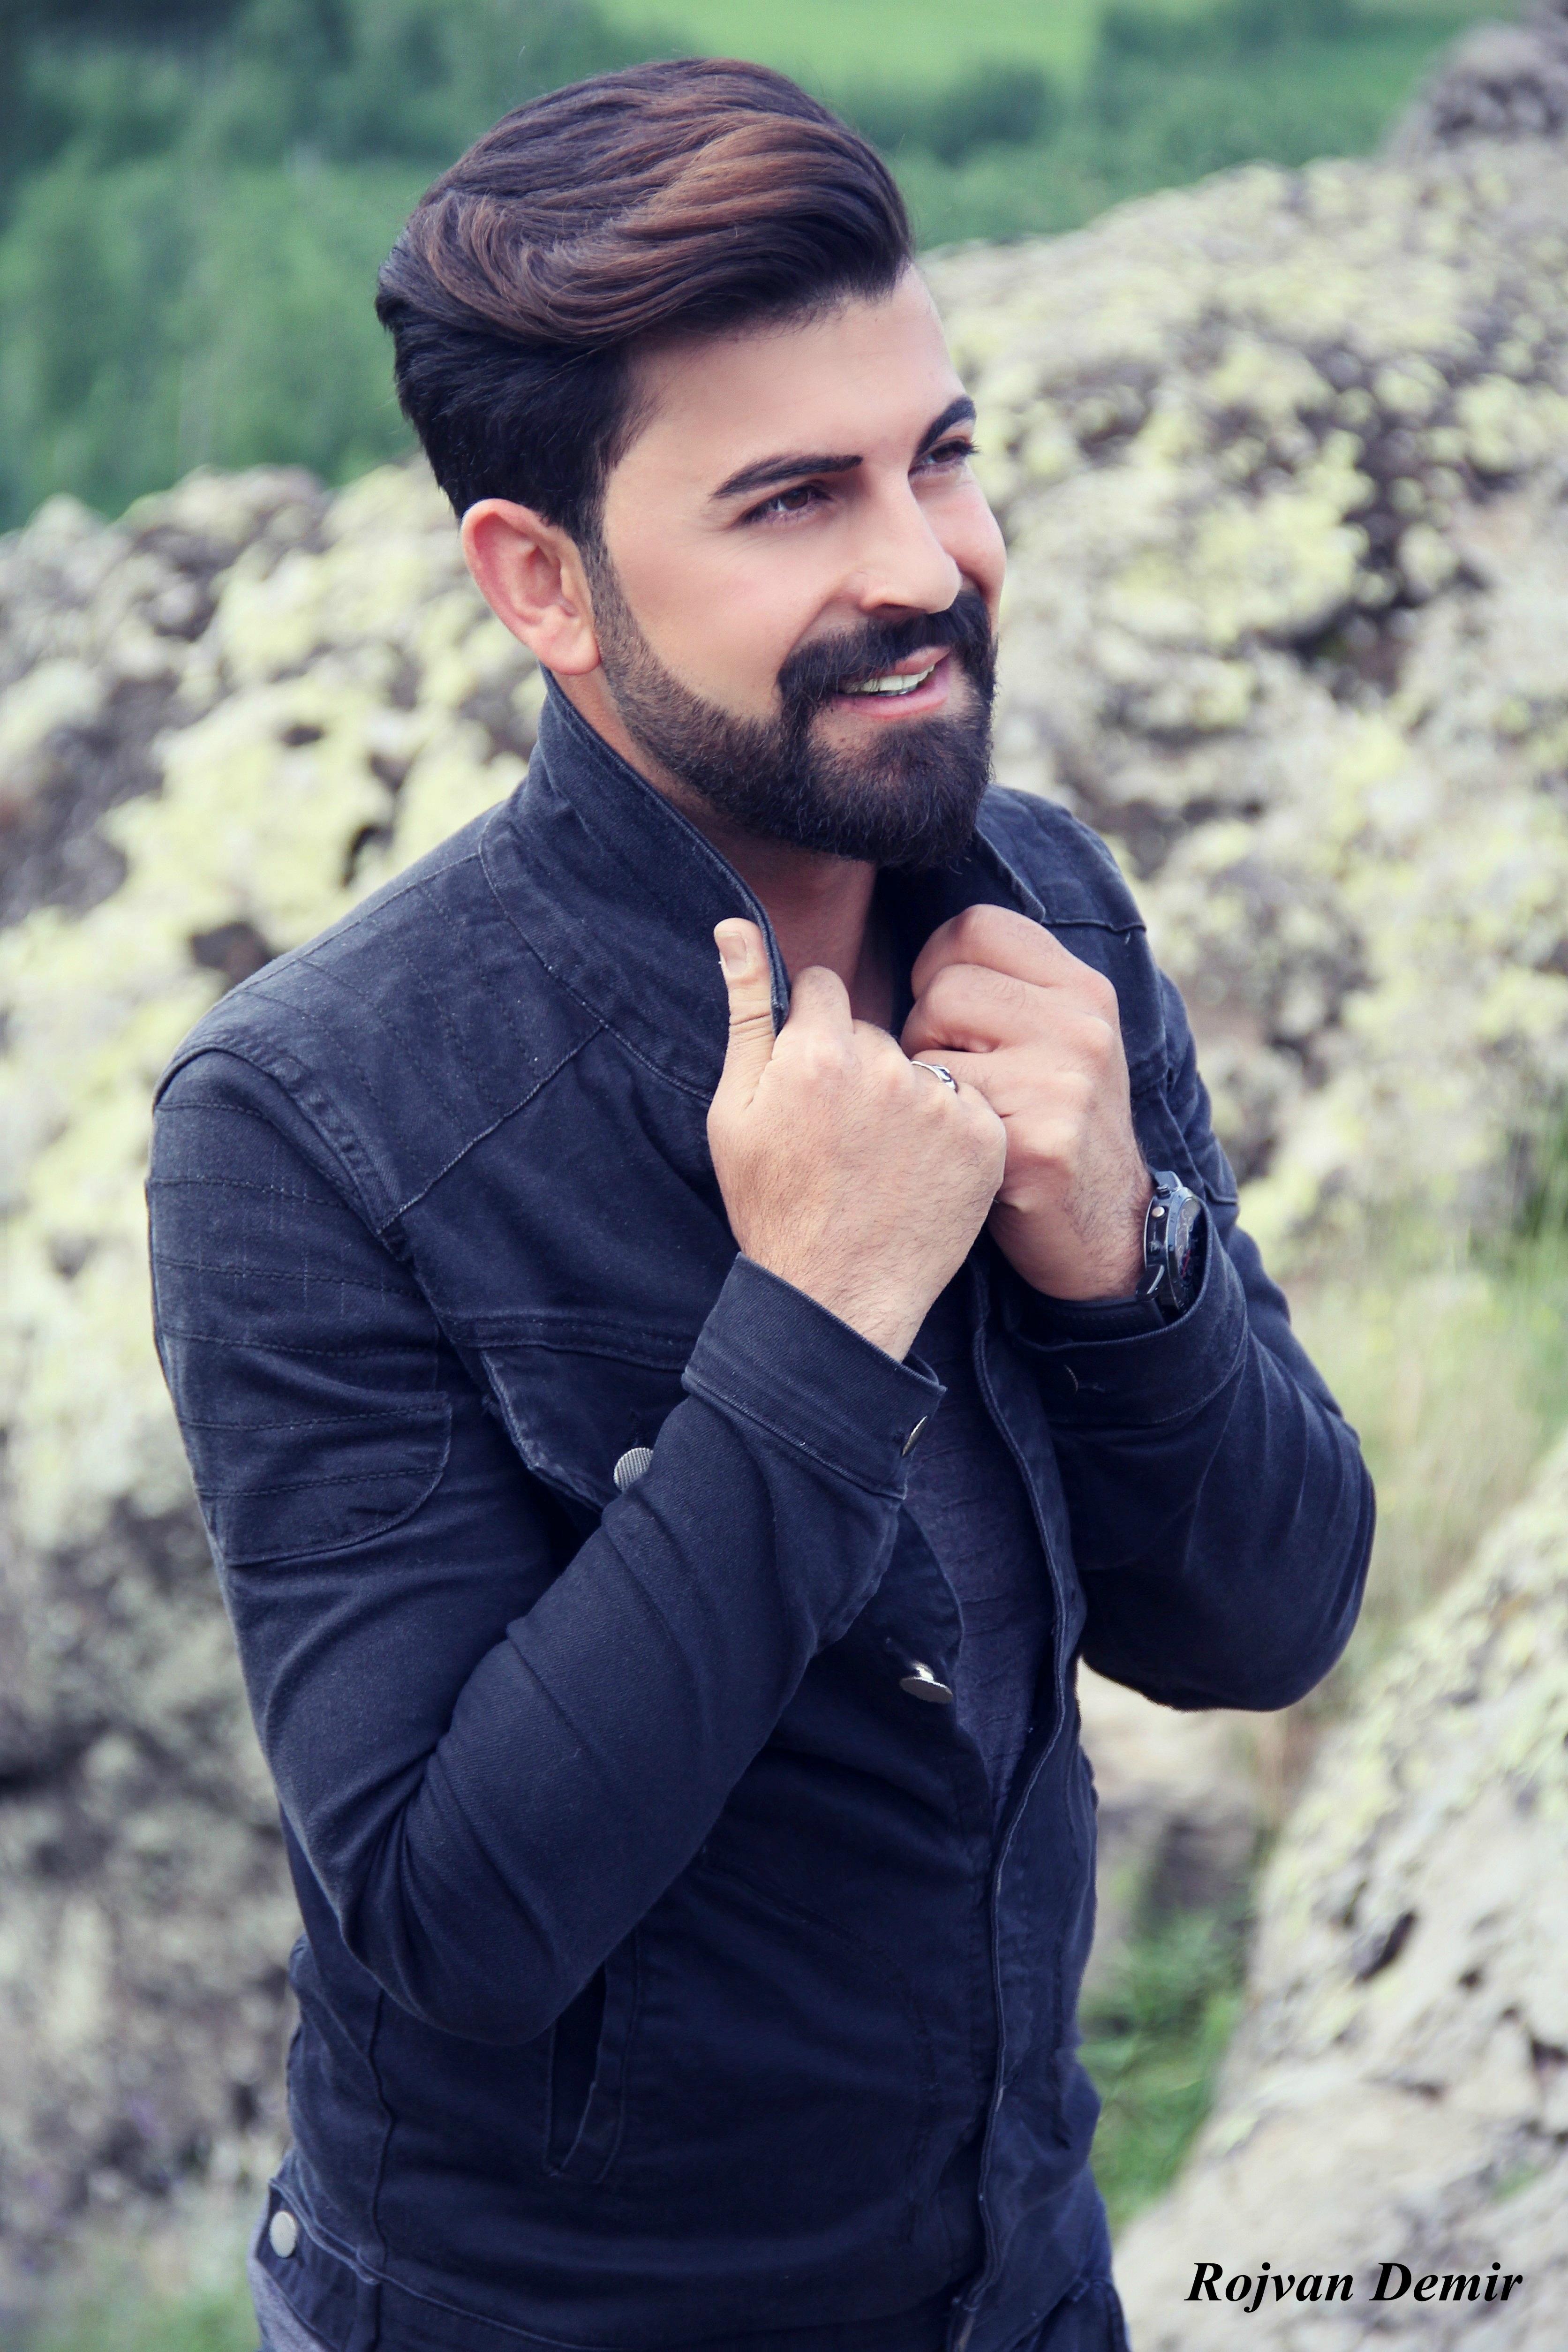 rojvandemir,yakisili erkekler ,turkiyenin en yakisikli erkekleri,patnos yakisiklisi,ercis 4